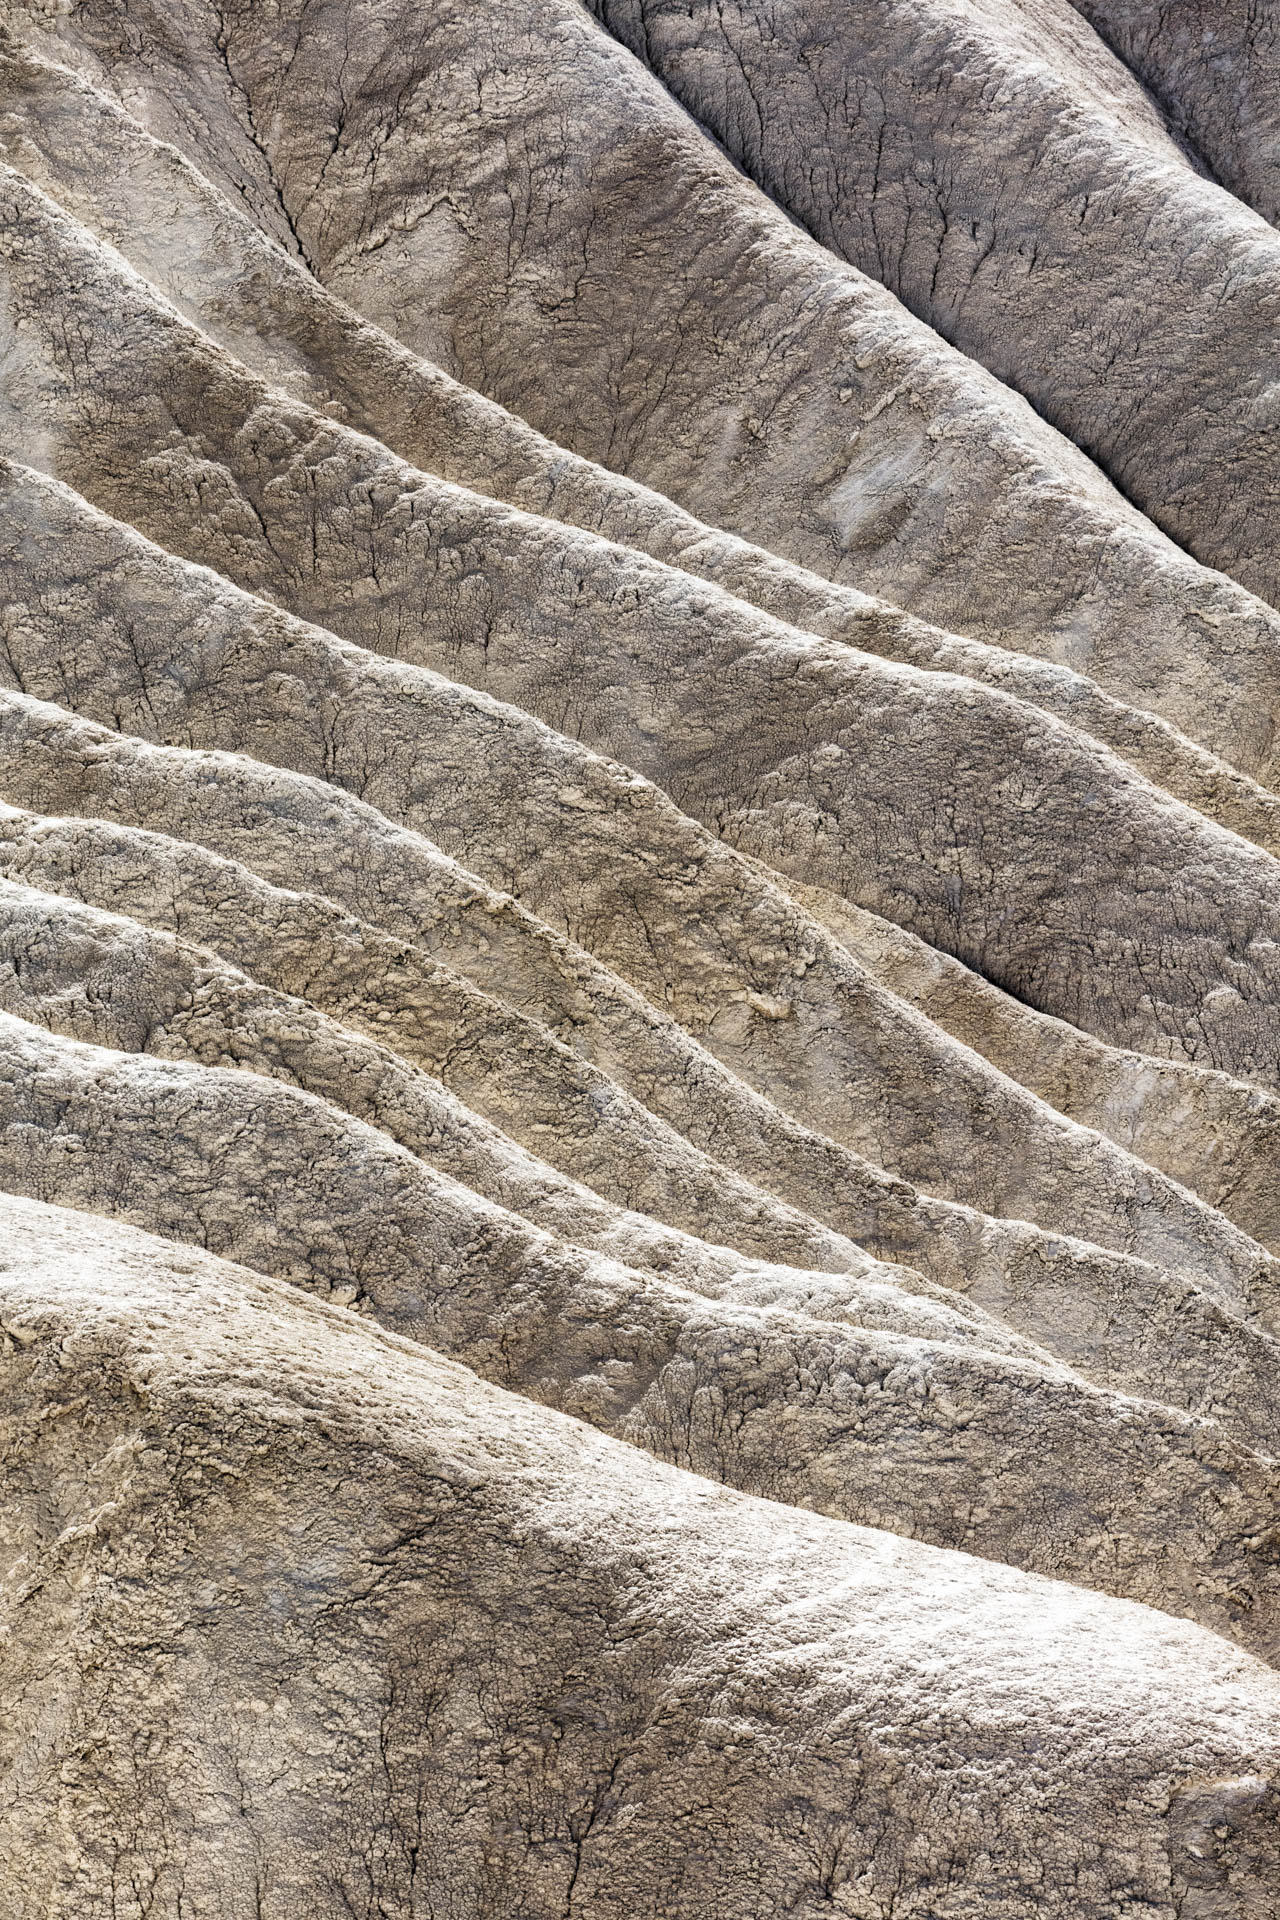 LDKphoto - Death Valley - 07.jpg